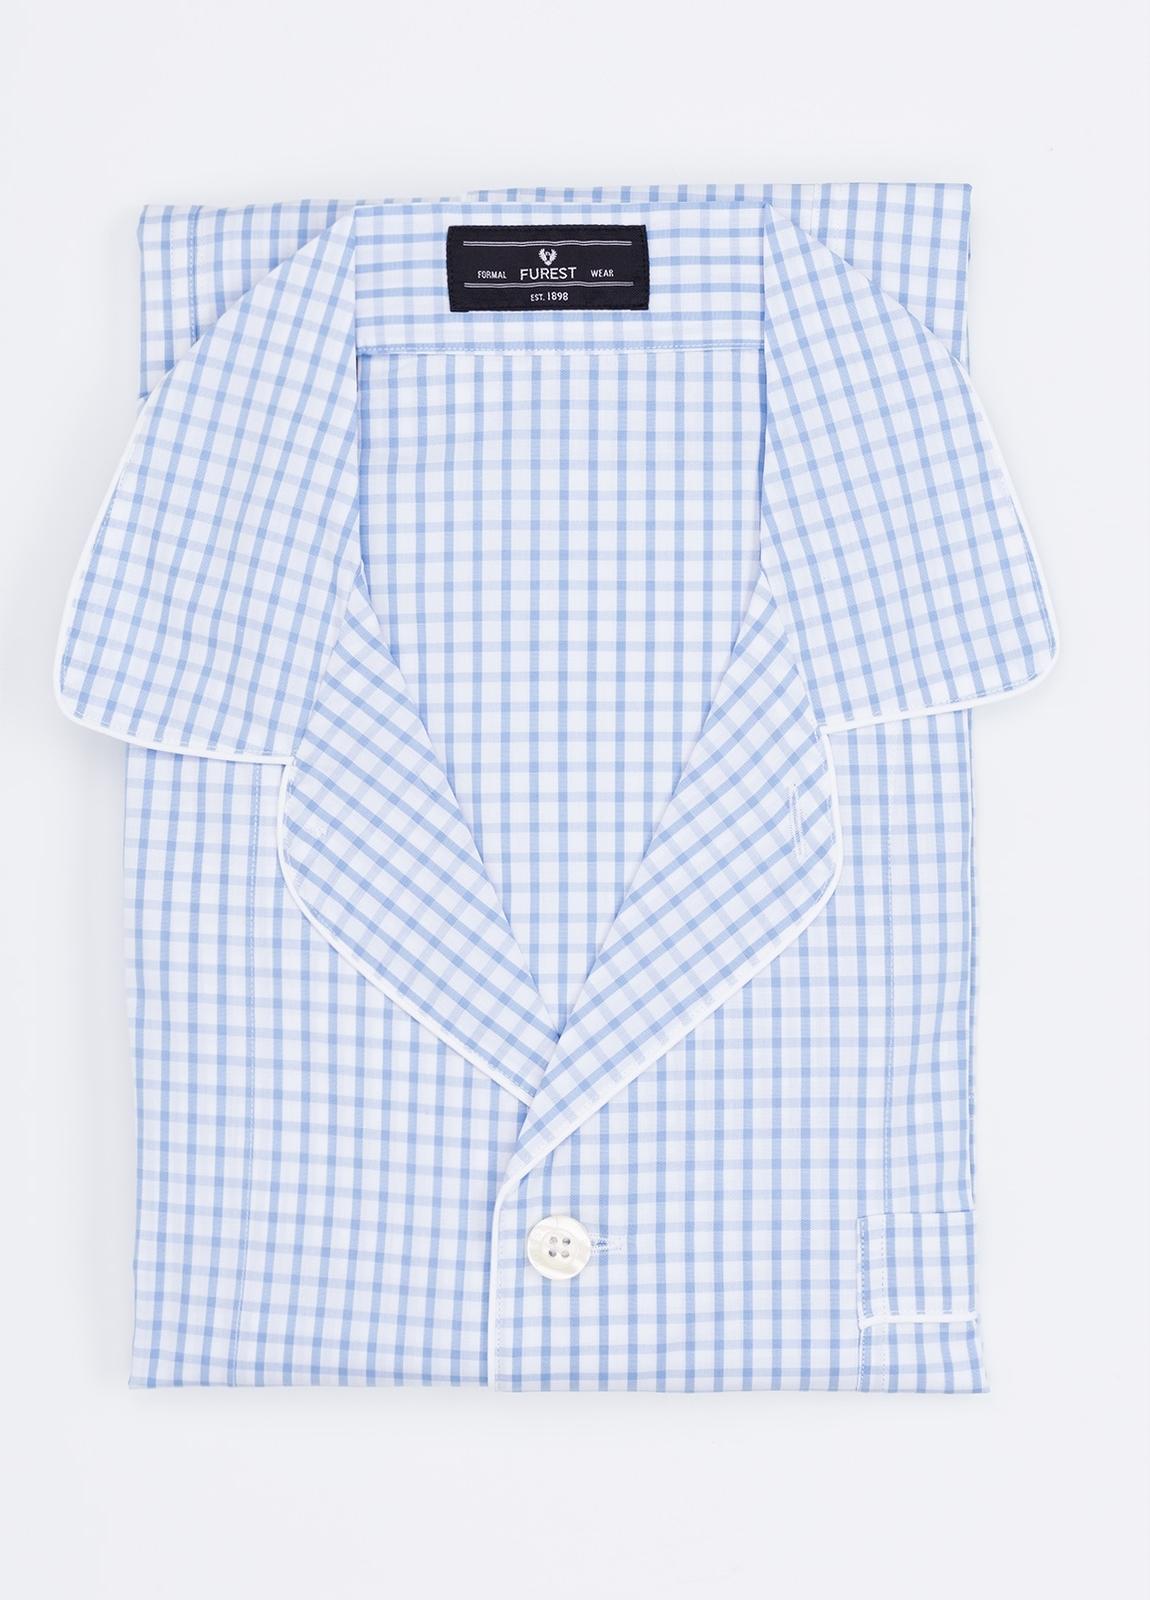 Pijama LARGO dos piezas, pantalón largo con cinta no elástica y funda incluida color celeste con estampado cuadro ventana. 100% Algodón.